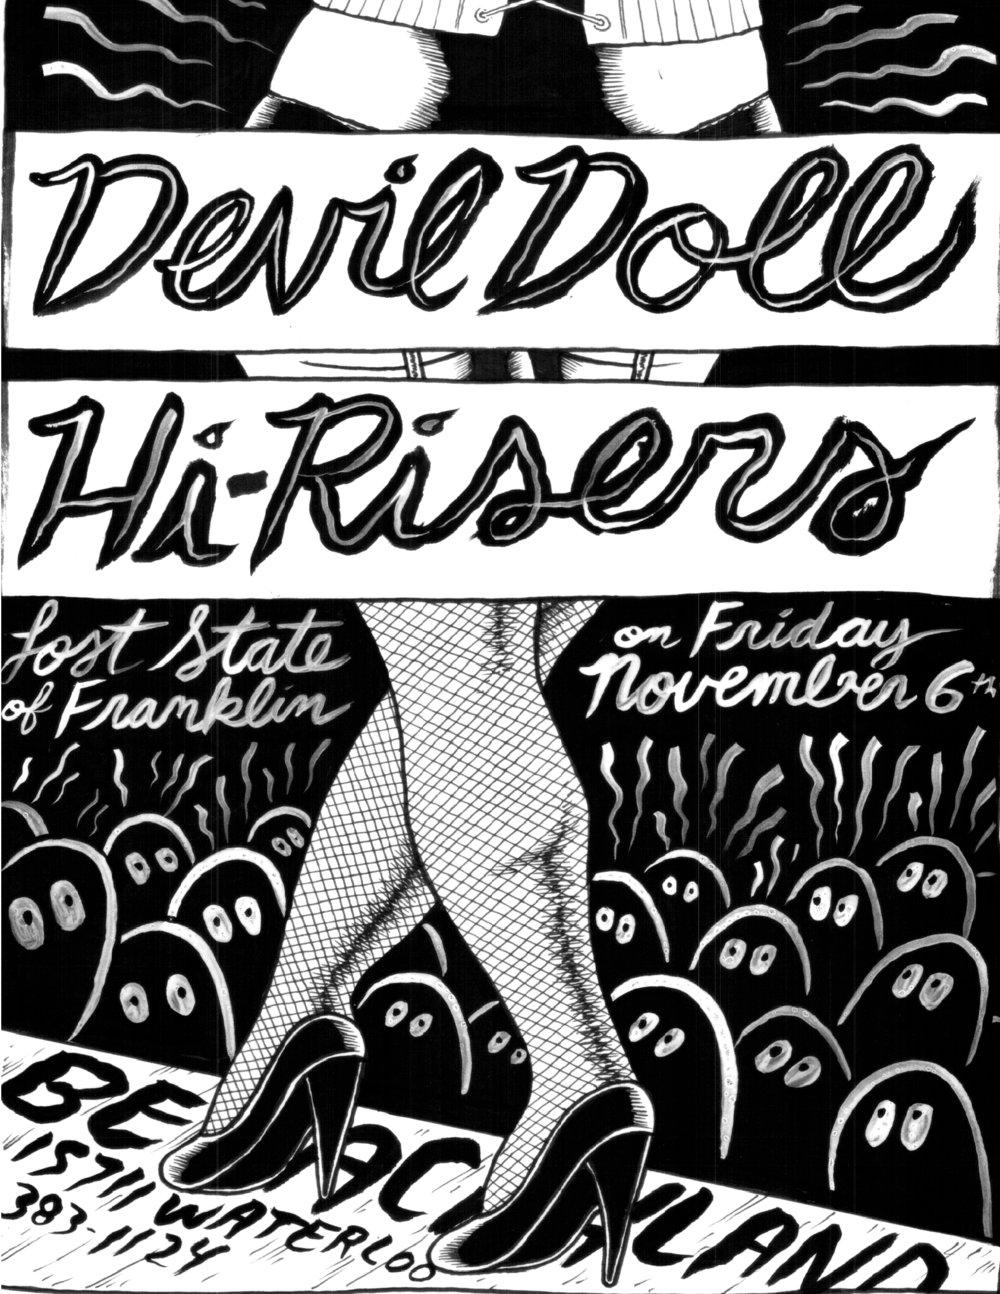 Devildoll (2).jpg